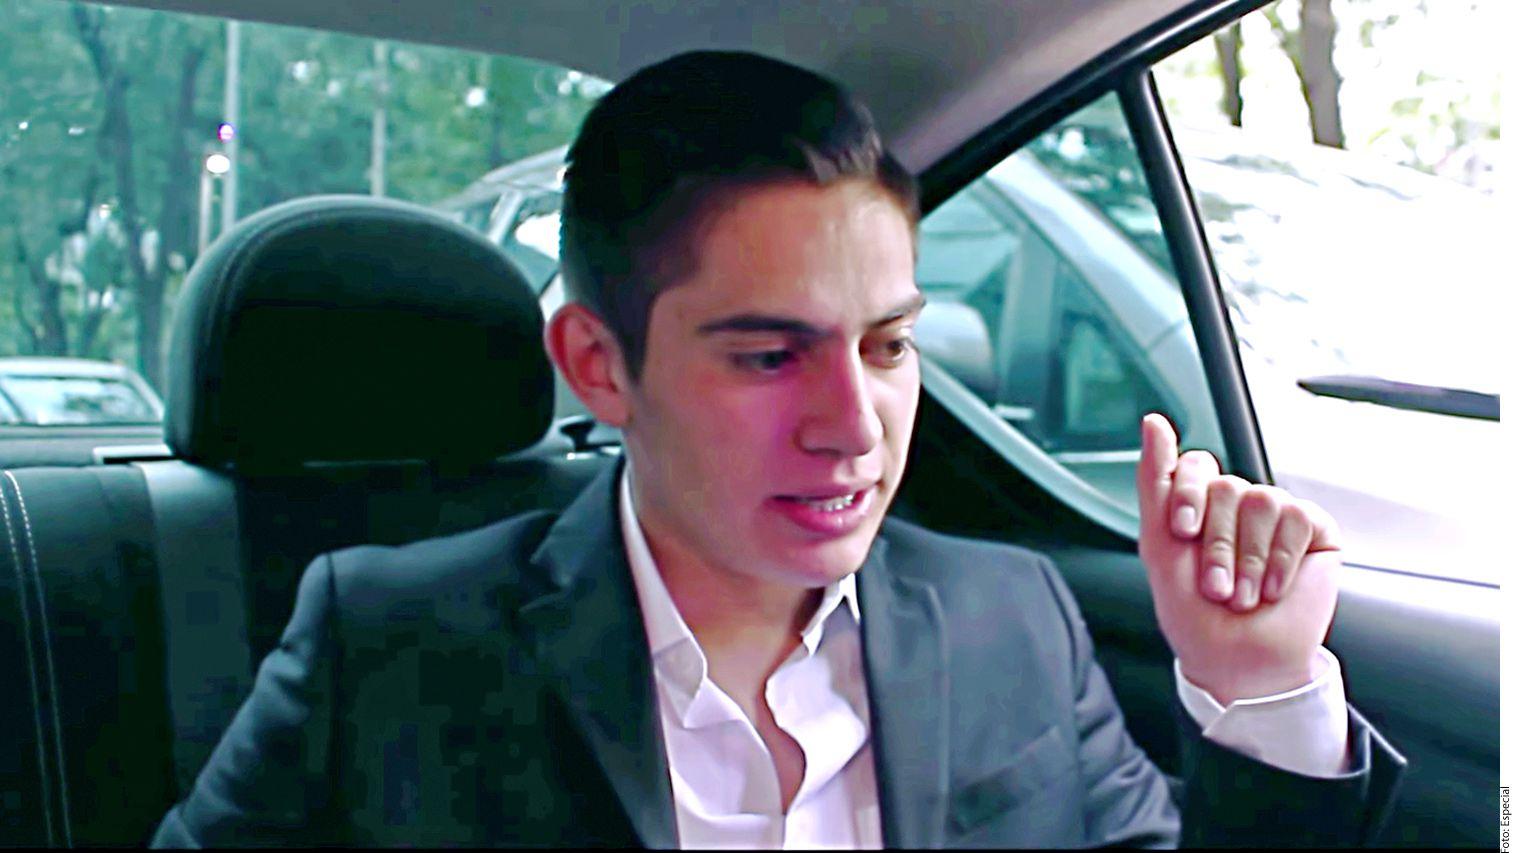 El youtuber Germán Abraham Loera Acosta, de 23 años, quien imparte conferencias sobre temas de desarrollo empresarial, fue arrestado junto con otros cuatro hombres acusado de ser el presunto líder de una banda de secuestradores./ AGENCIA REFORMA